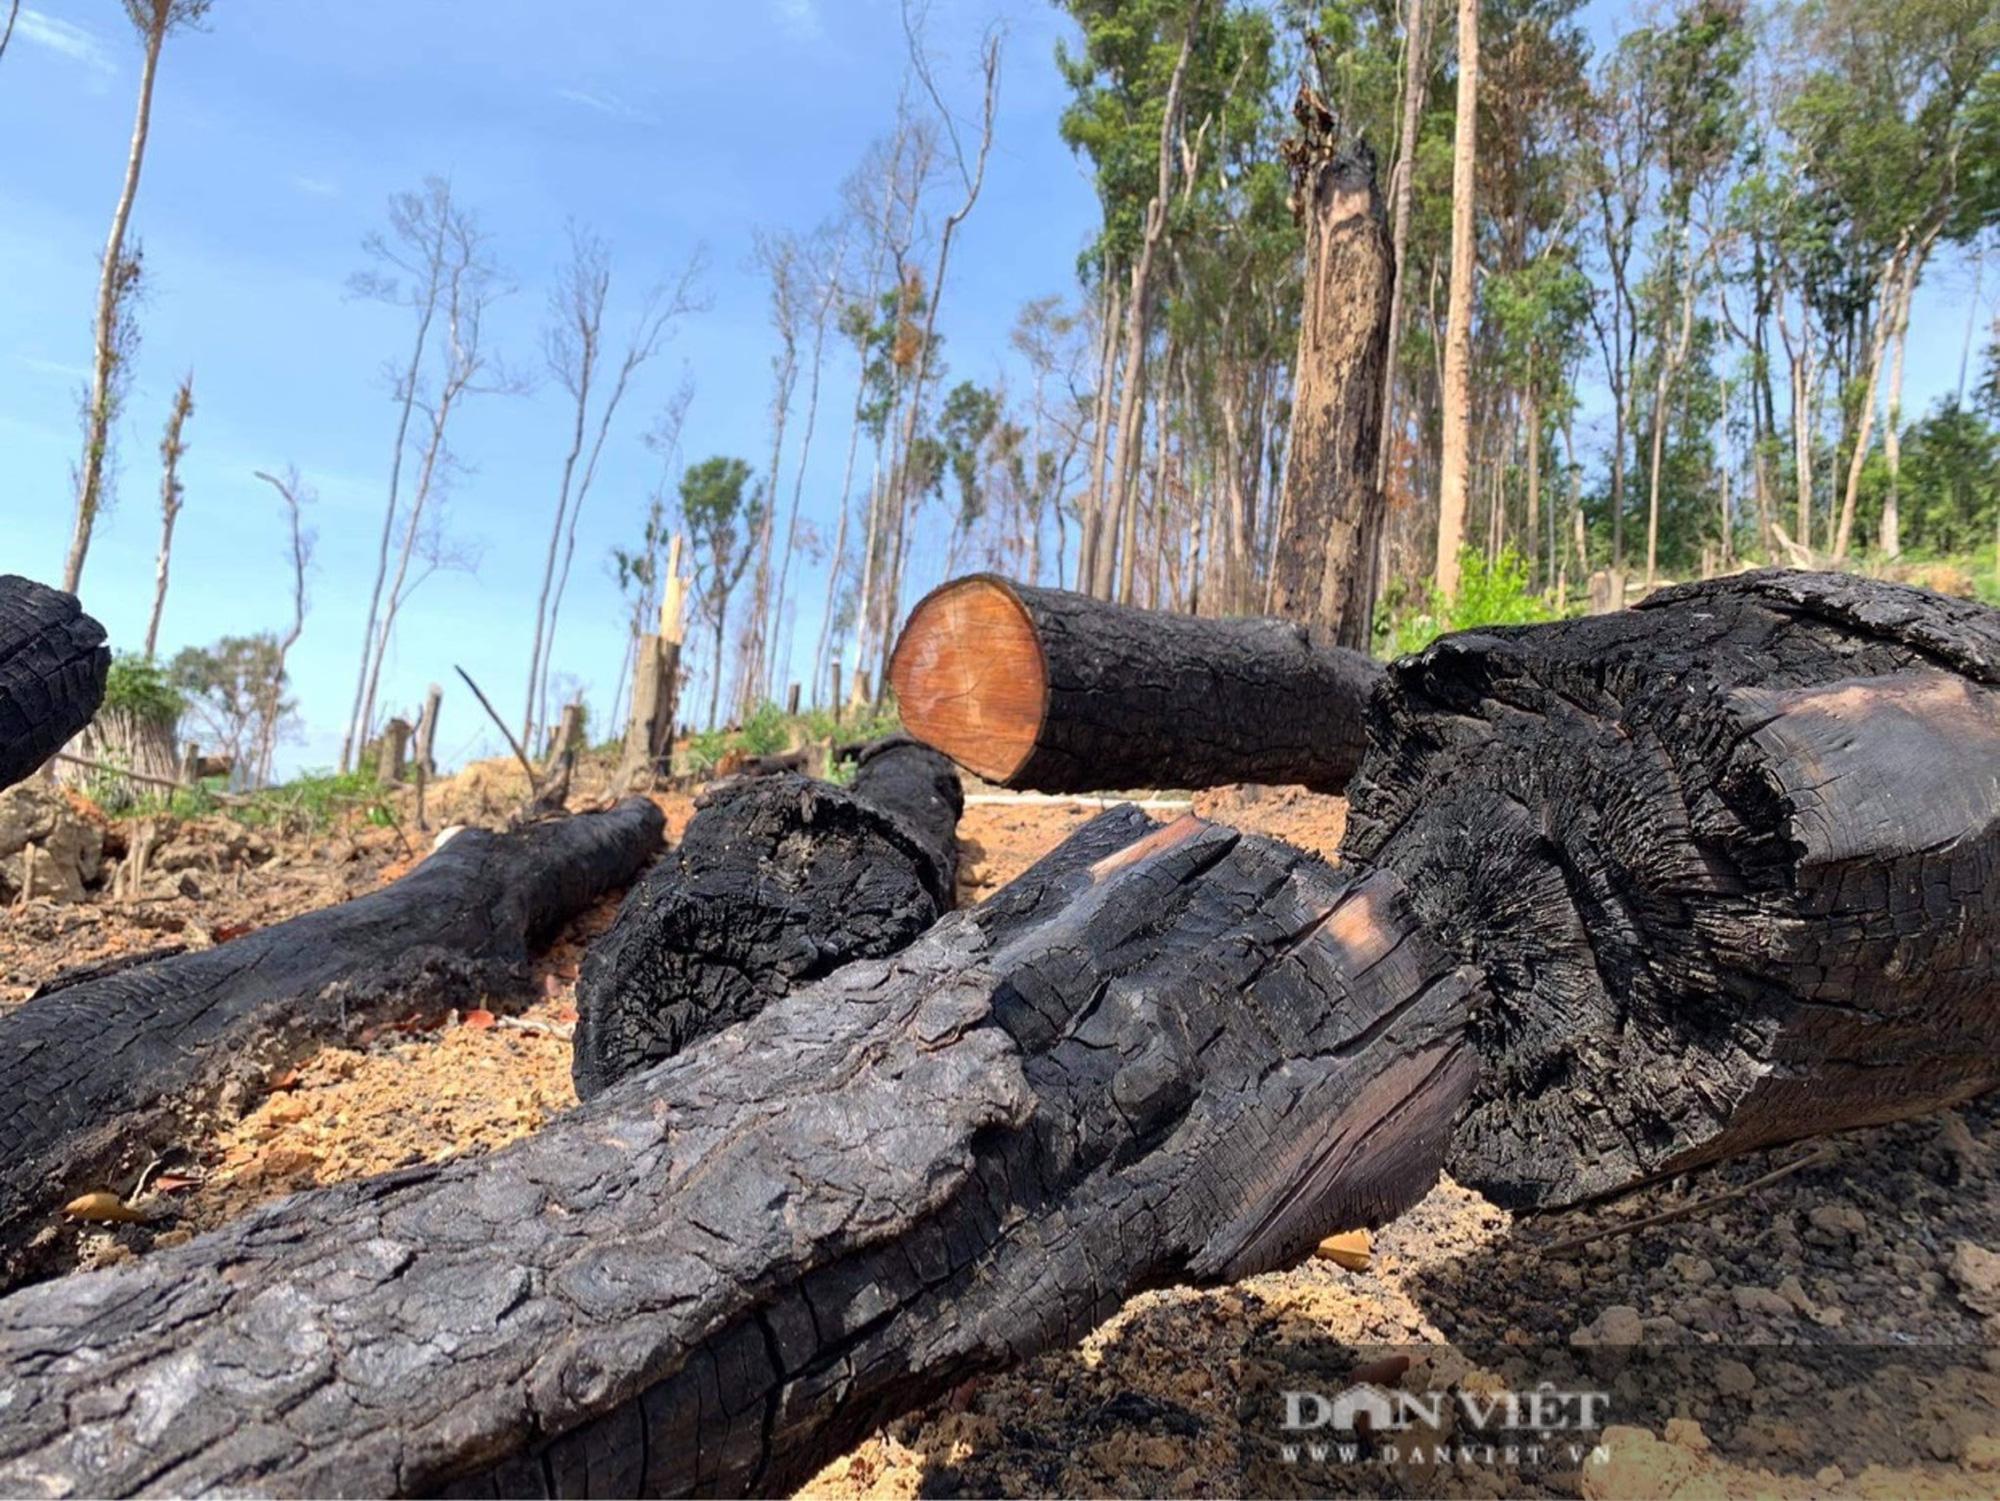 Công ty lâm nghiệp Krông Bông (Đắk Lắk): Rừng bị phá tan hoang, lãnh đạo mất đoàn kết  - Ảnh 6.